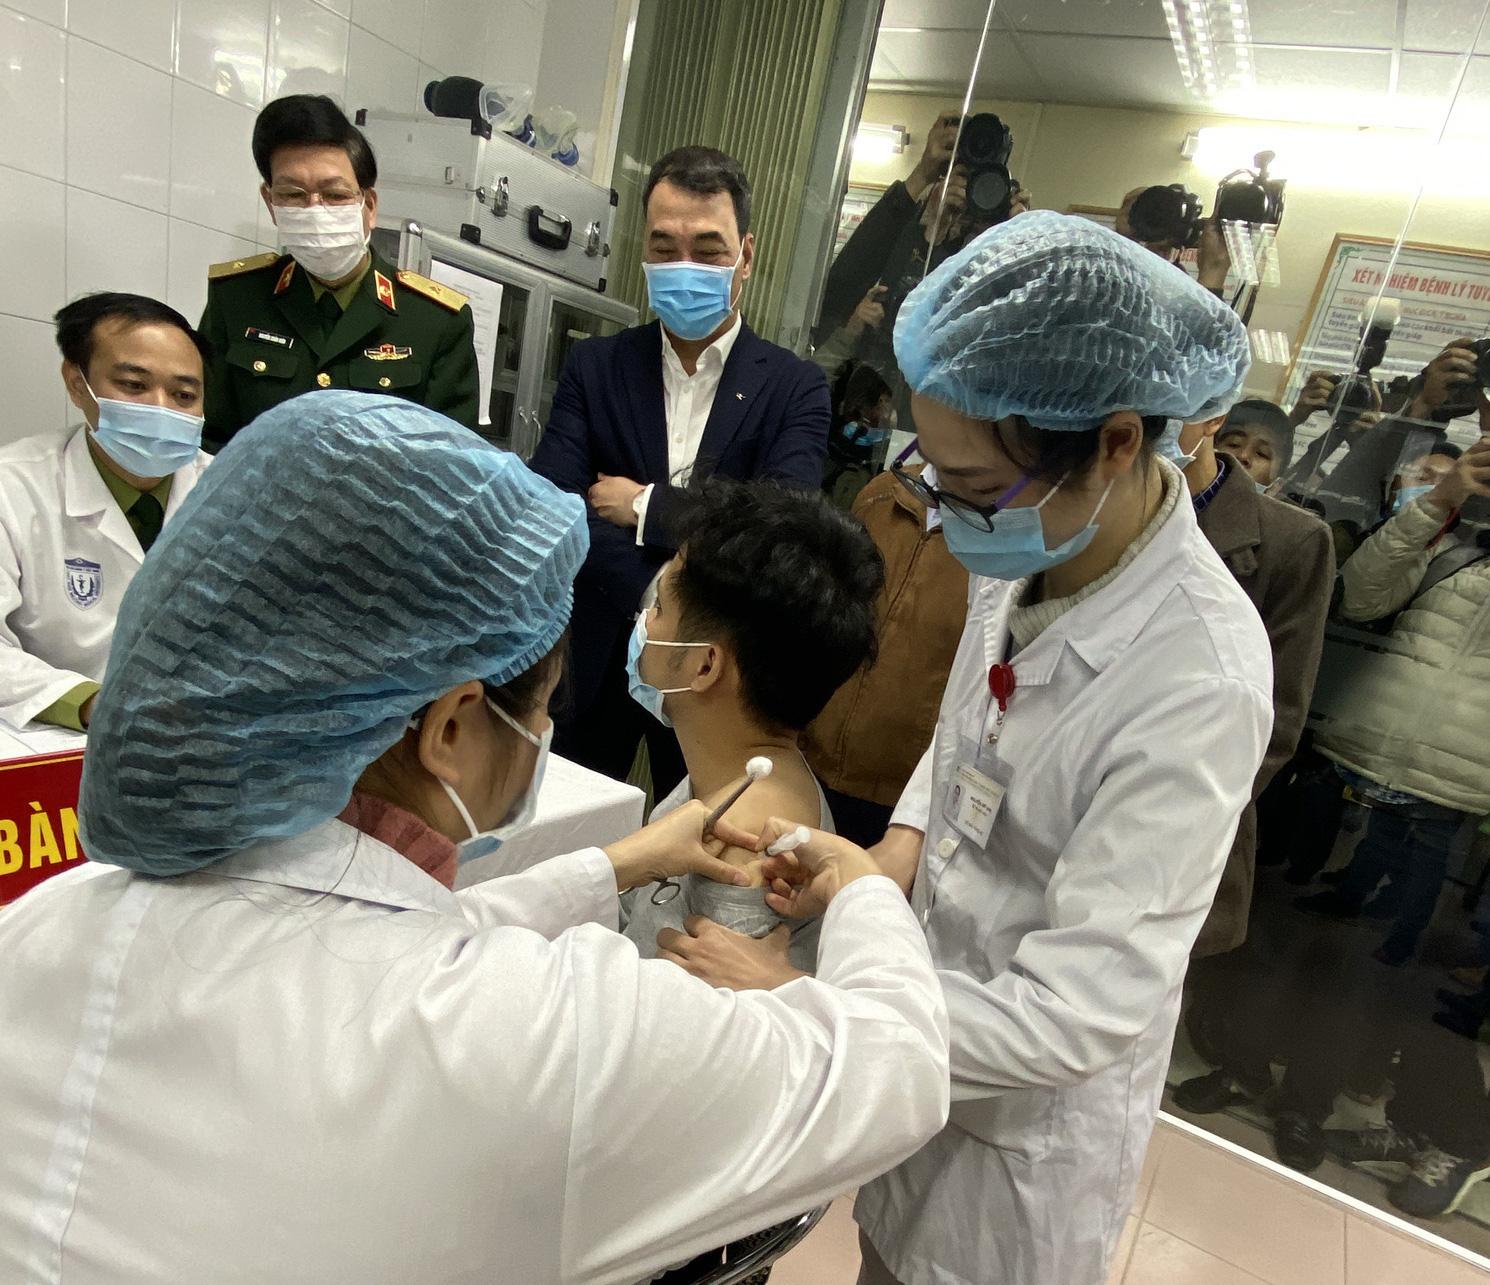 Danh sách đối tượng được ưu tiên tiêm và miễn phí vắc xin COVID-19 theo Nghị quyết của Chính phủ - Ảnh 3.